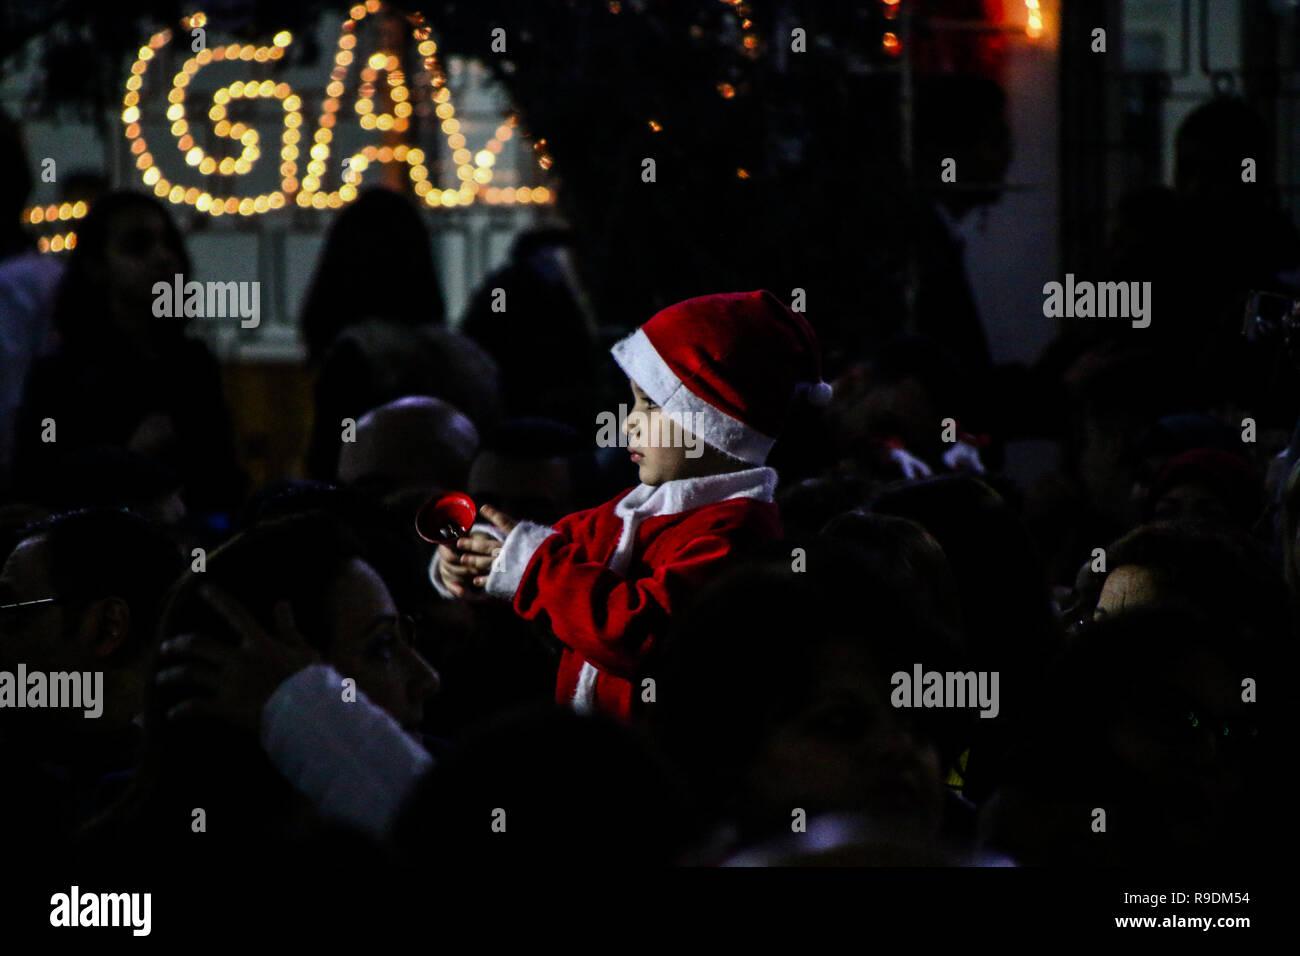 Gaza, Palästina. 22. Dez 2018. Das YMCA im Gazastreifen den Weihnachtsbaum Zeremonie in seinen Platz in Gaza Stadt organisieren am Abend des 22. Dezember 2018. Eine palästinensische Folklore tanzen und den Segen eines griechisch-orthodoxen Patriarchen begleitet die Zeremonie in der bis zum Heiligabend. Christliche und muslimische Palästinenser converged auf dem Platz in Gaza zu feiern und den Dekorationen und andere Traditionen der Jahreszeit, wie Fotos der Kinder mit Santa Claus und Nächstenliebe Sammlungen für die Bedürftigsten zu genießen. Credit: ZUMA Press, Inc./Alamy leben Nachrichten Stockfoto